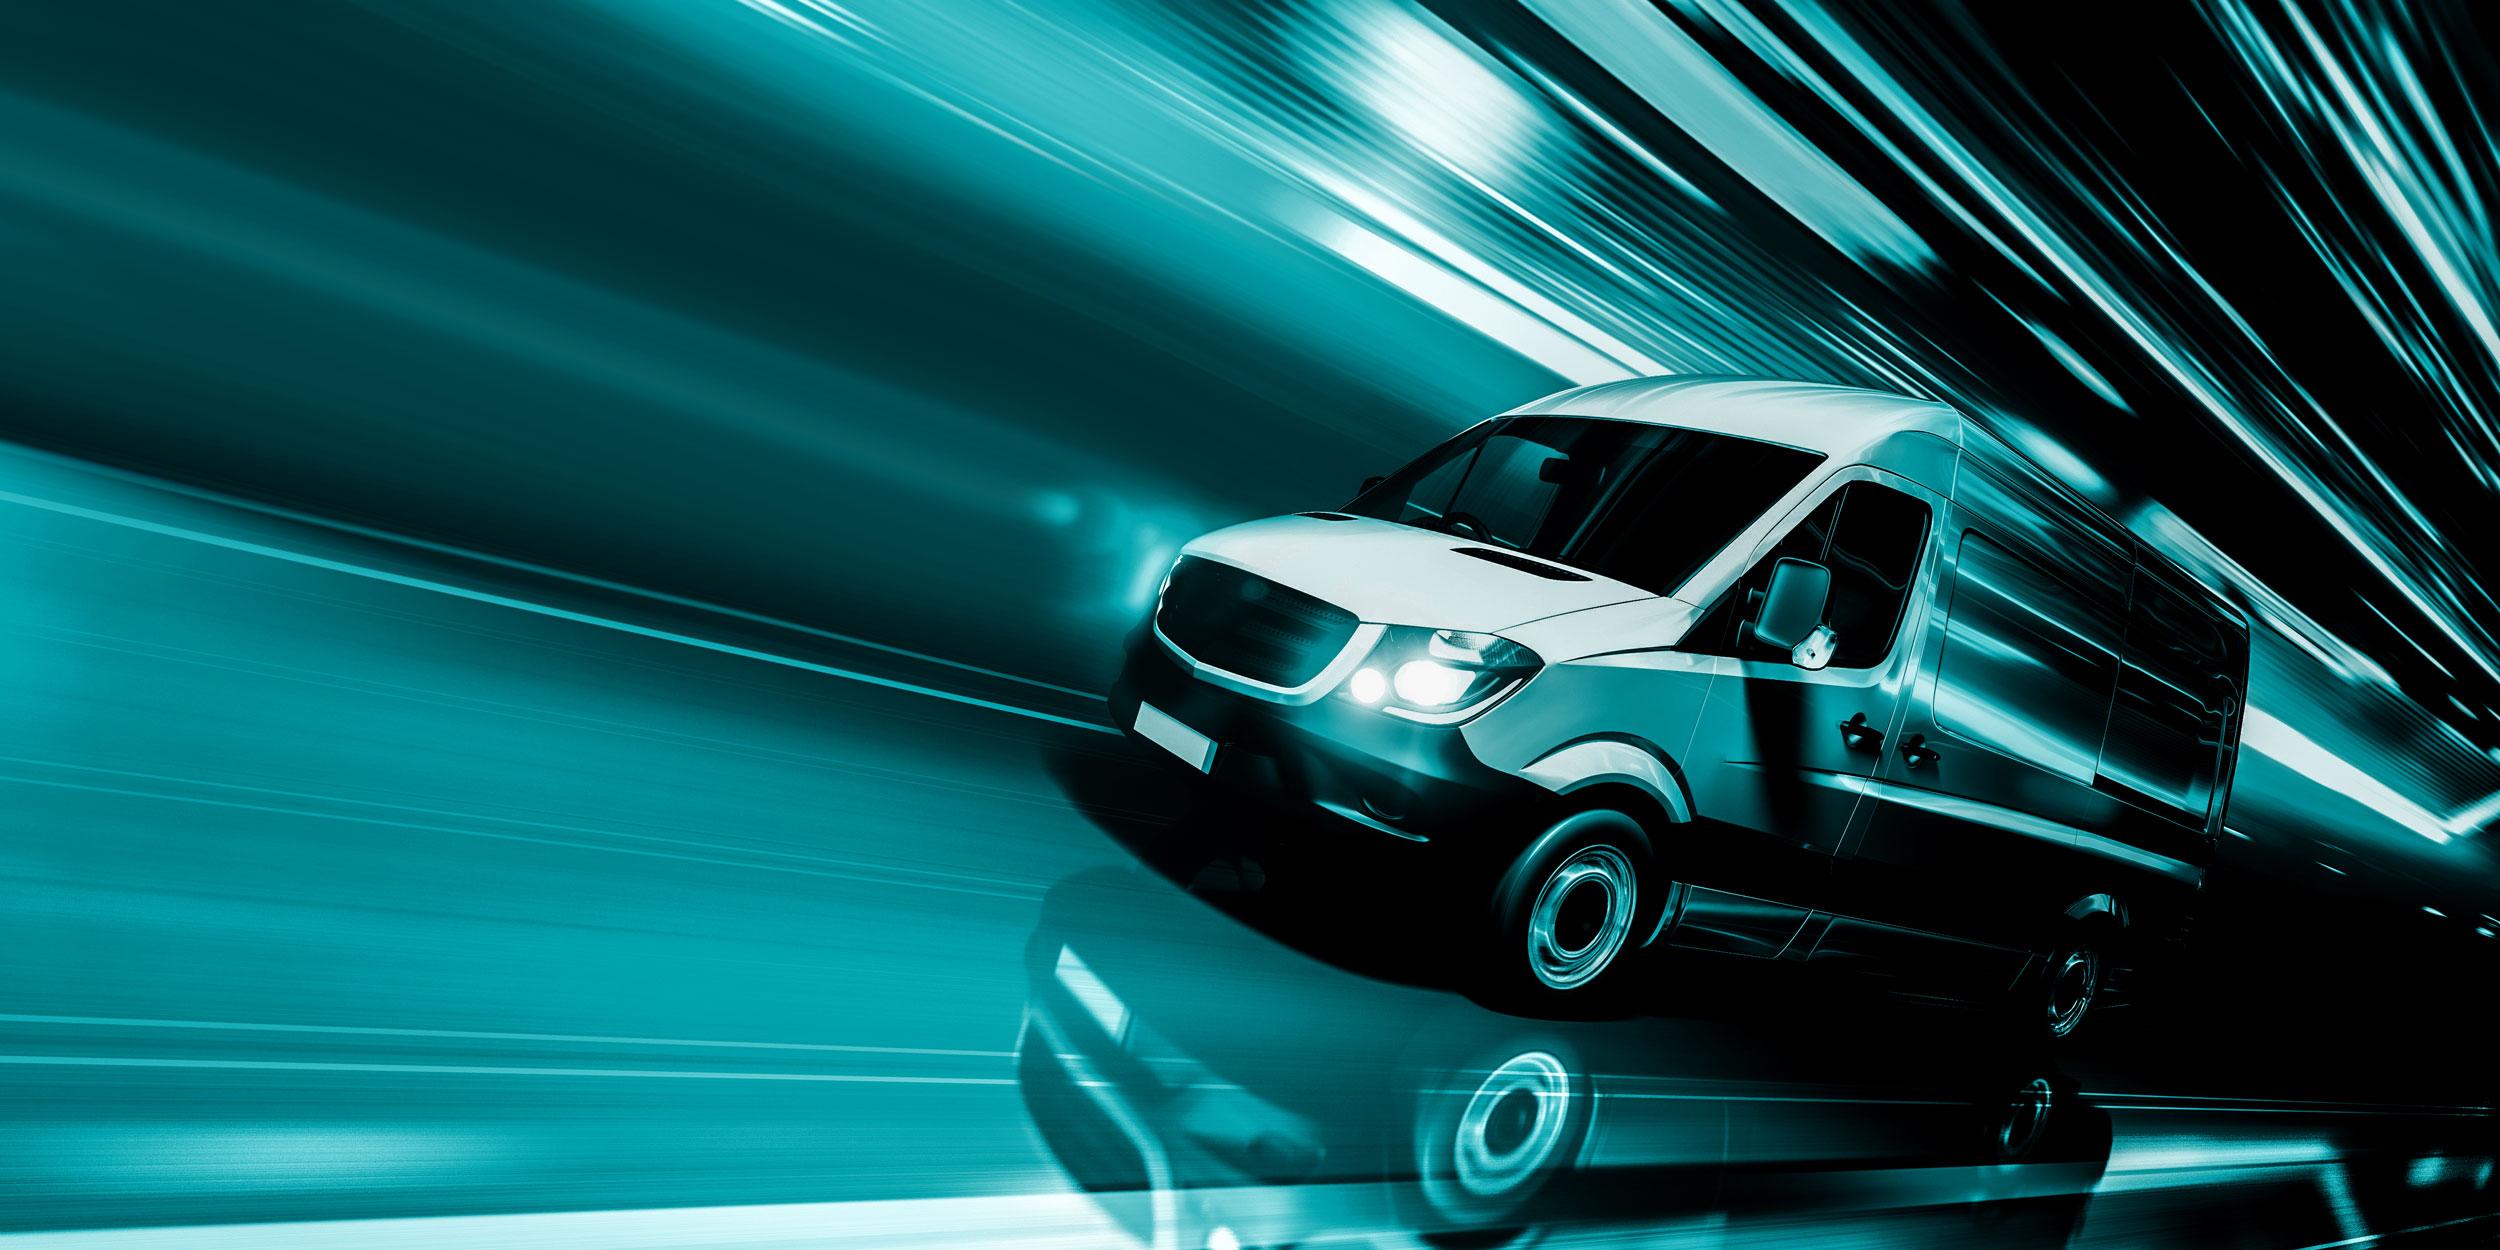 Transporter der schnell von rechts in Bild fährt